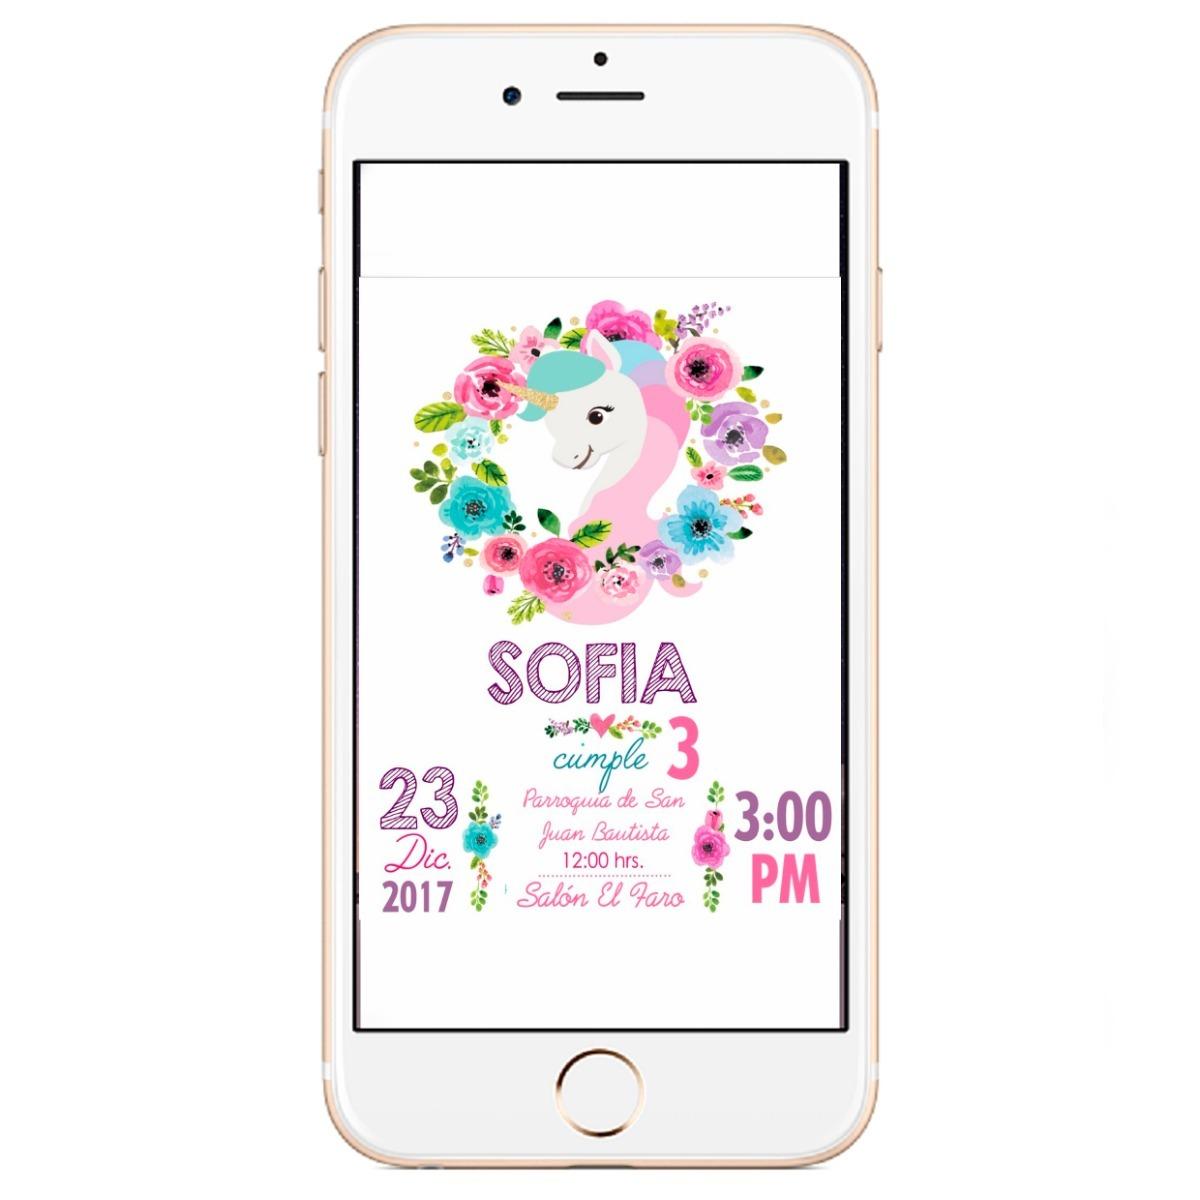 Tarjeta Invitación Digital Cumpleaños Baby Shower En 24hs